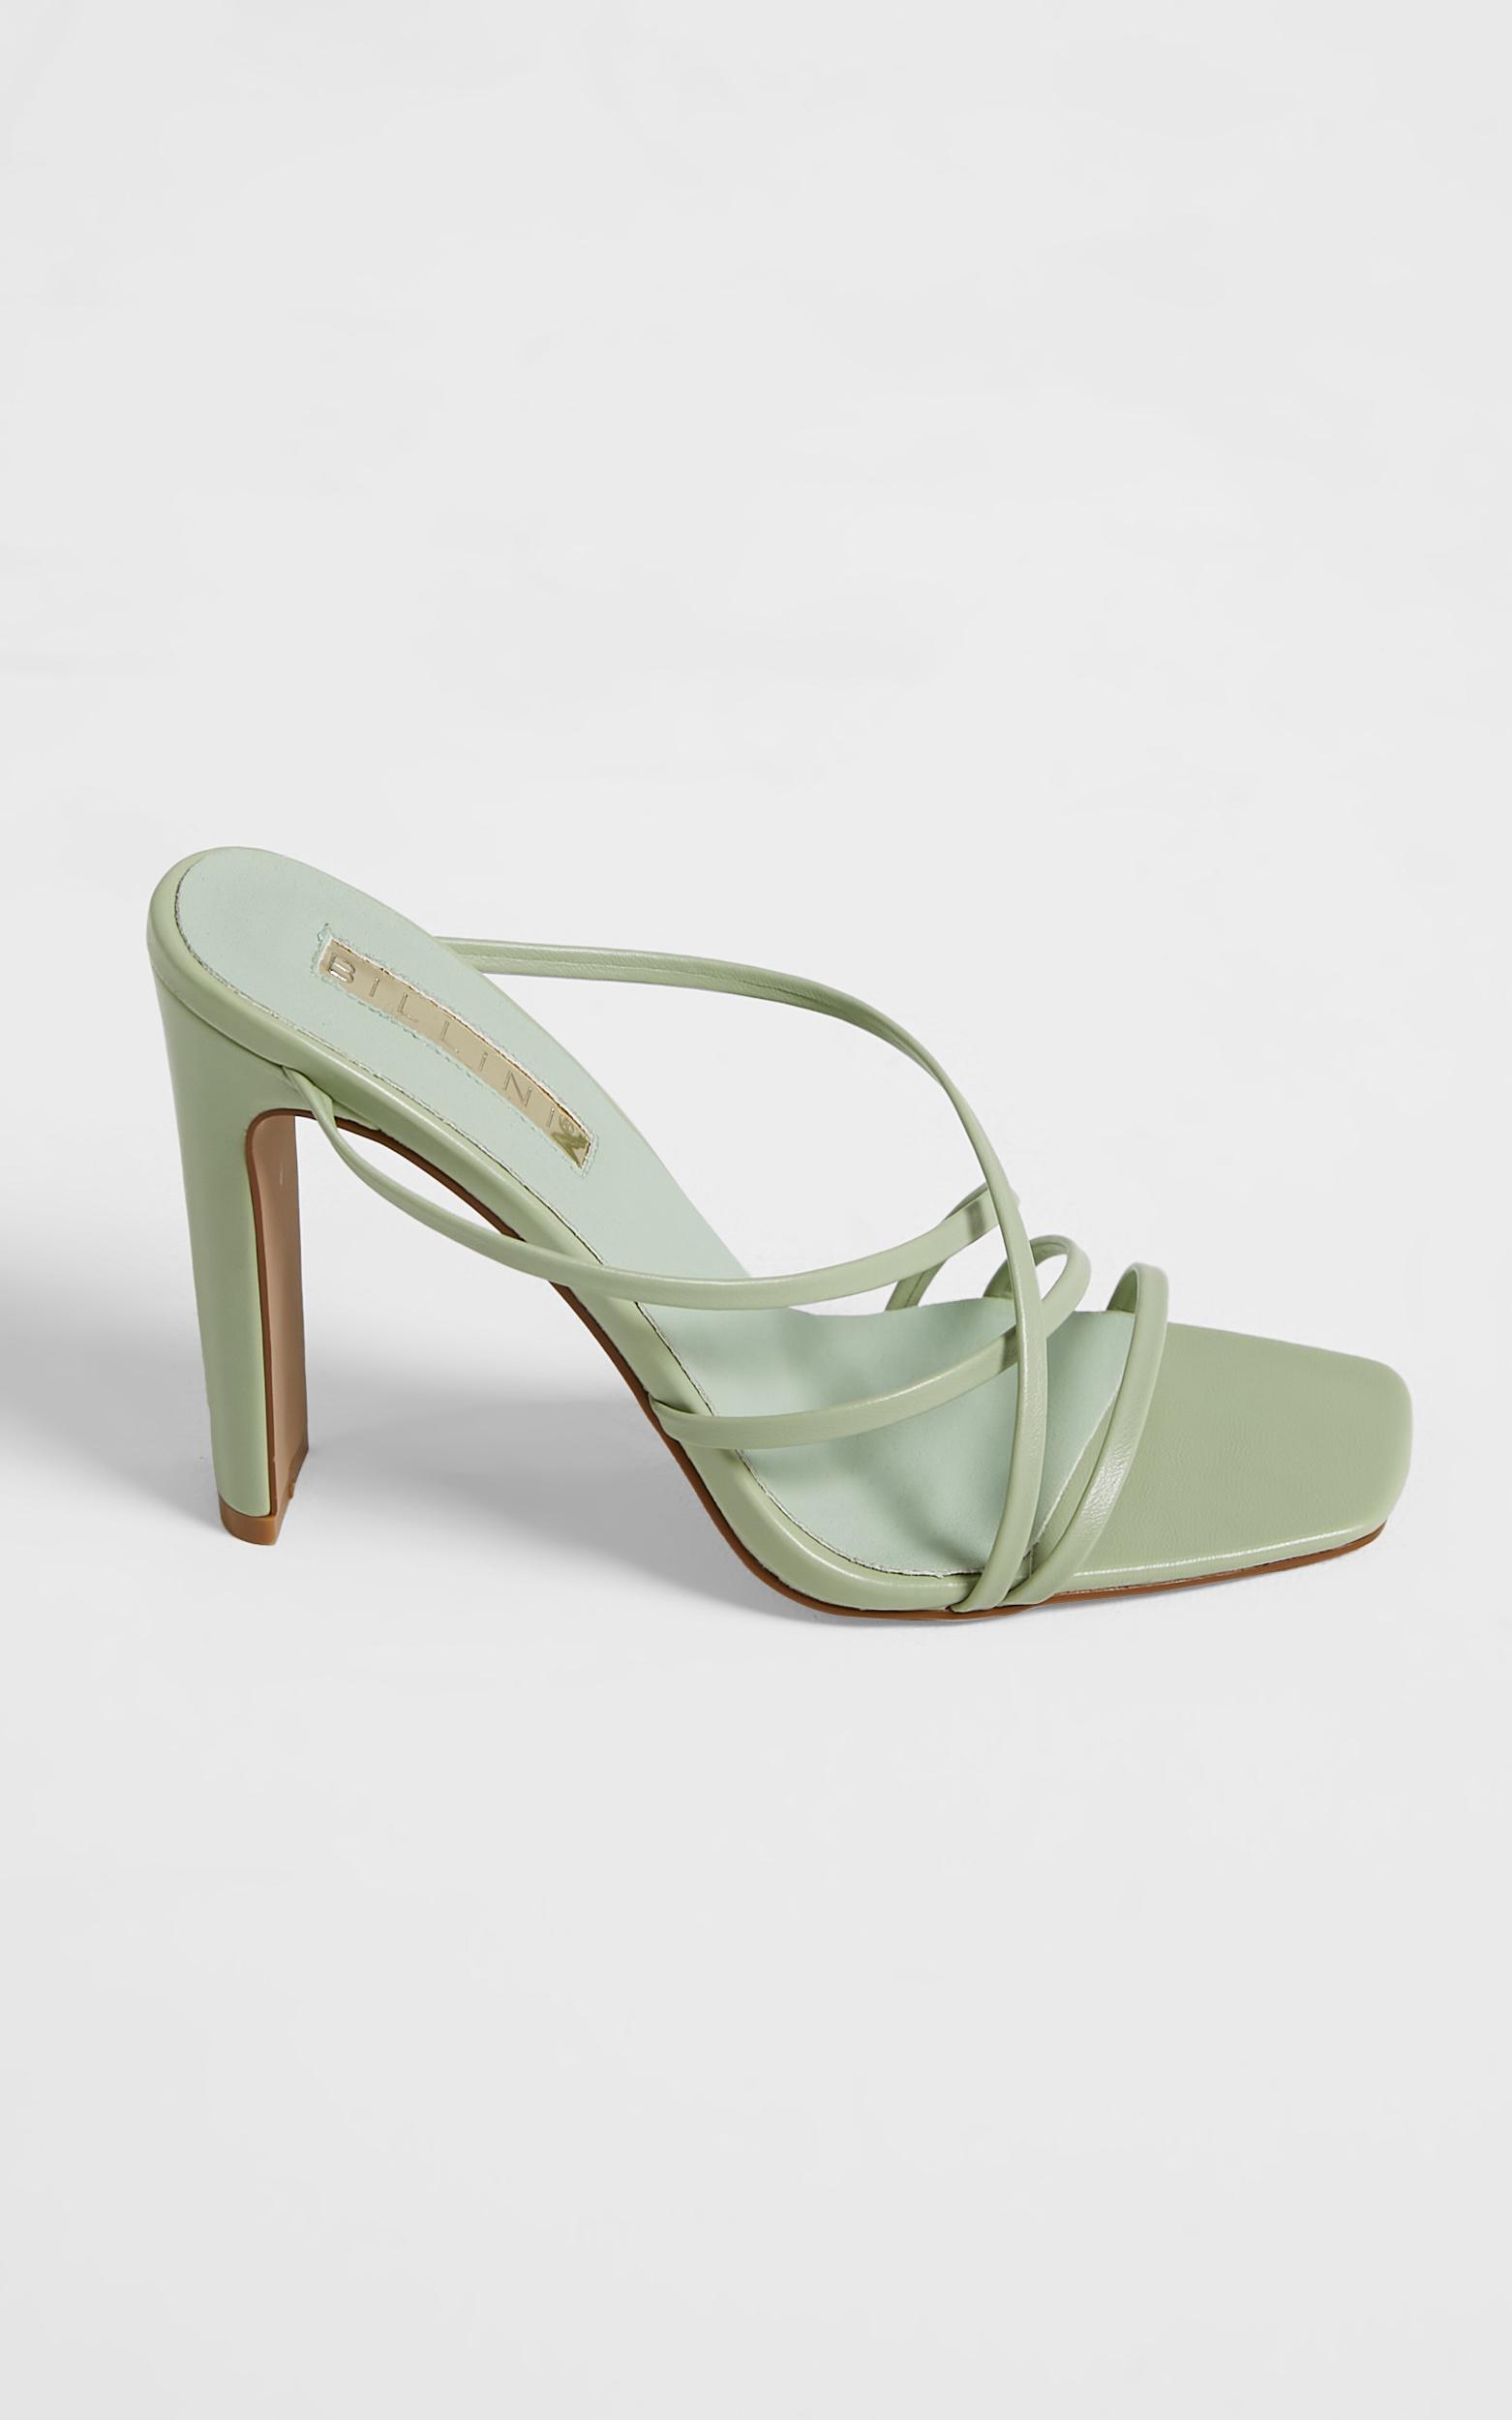 Billini - Yenta Heels in Pistachio - 5, Green, hi-res image number null